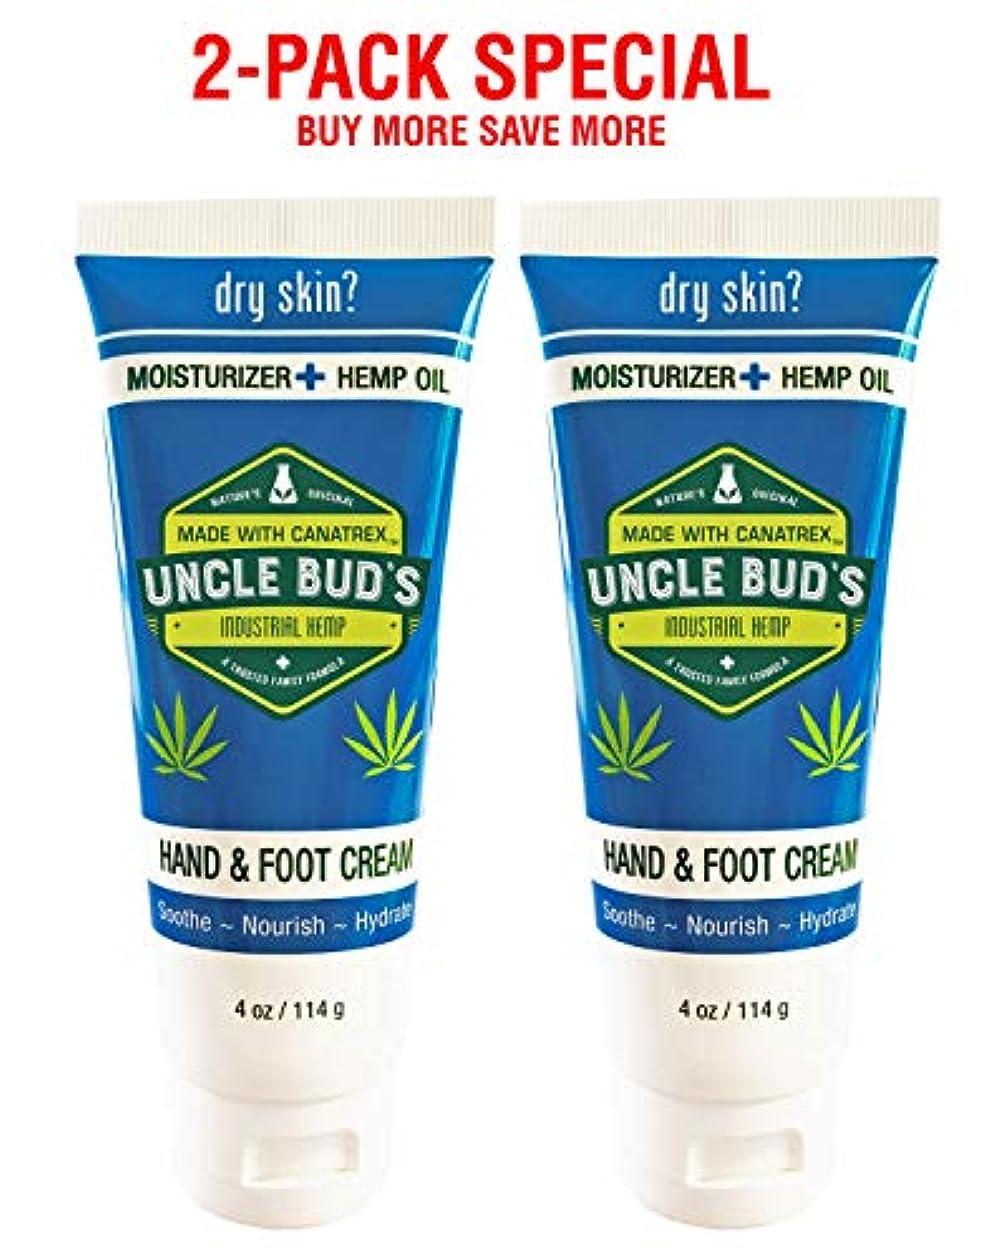 適応的陪審まろやかなUncle Bud's 2-Pack Special - Hand and Foot Cream HEMP Oil - 4oz per tube